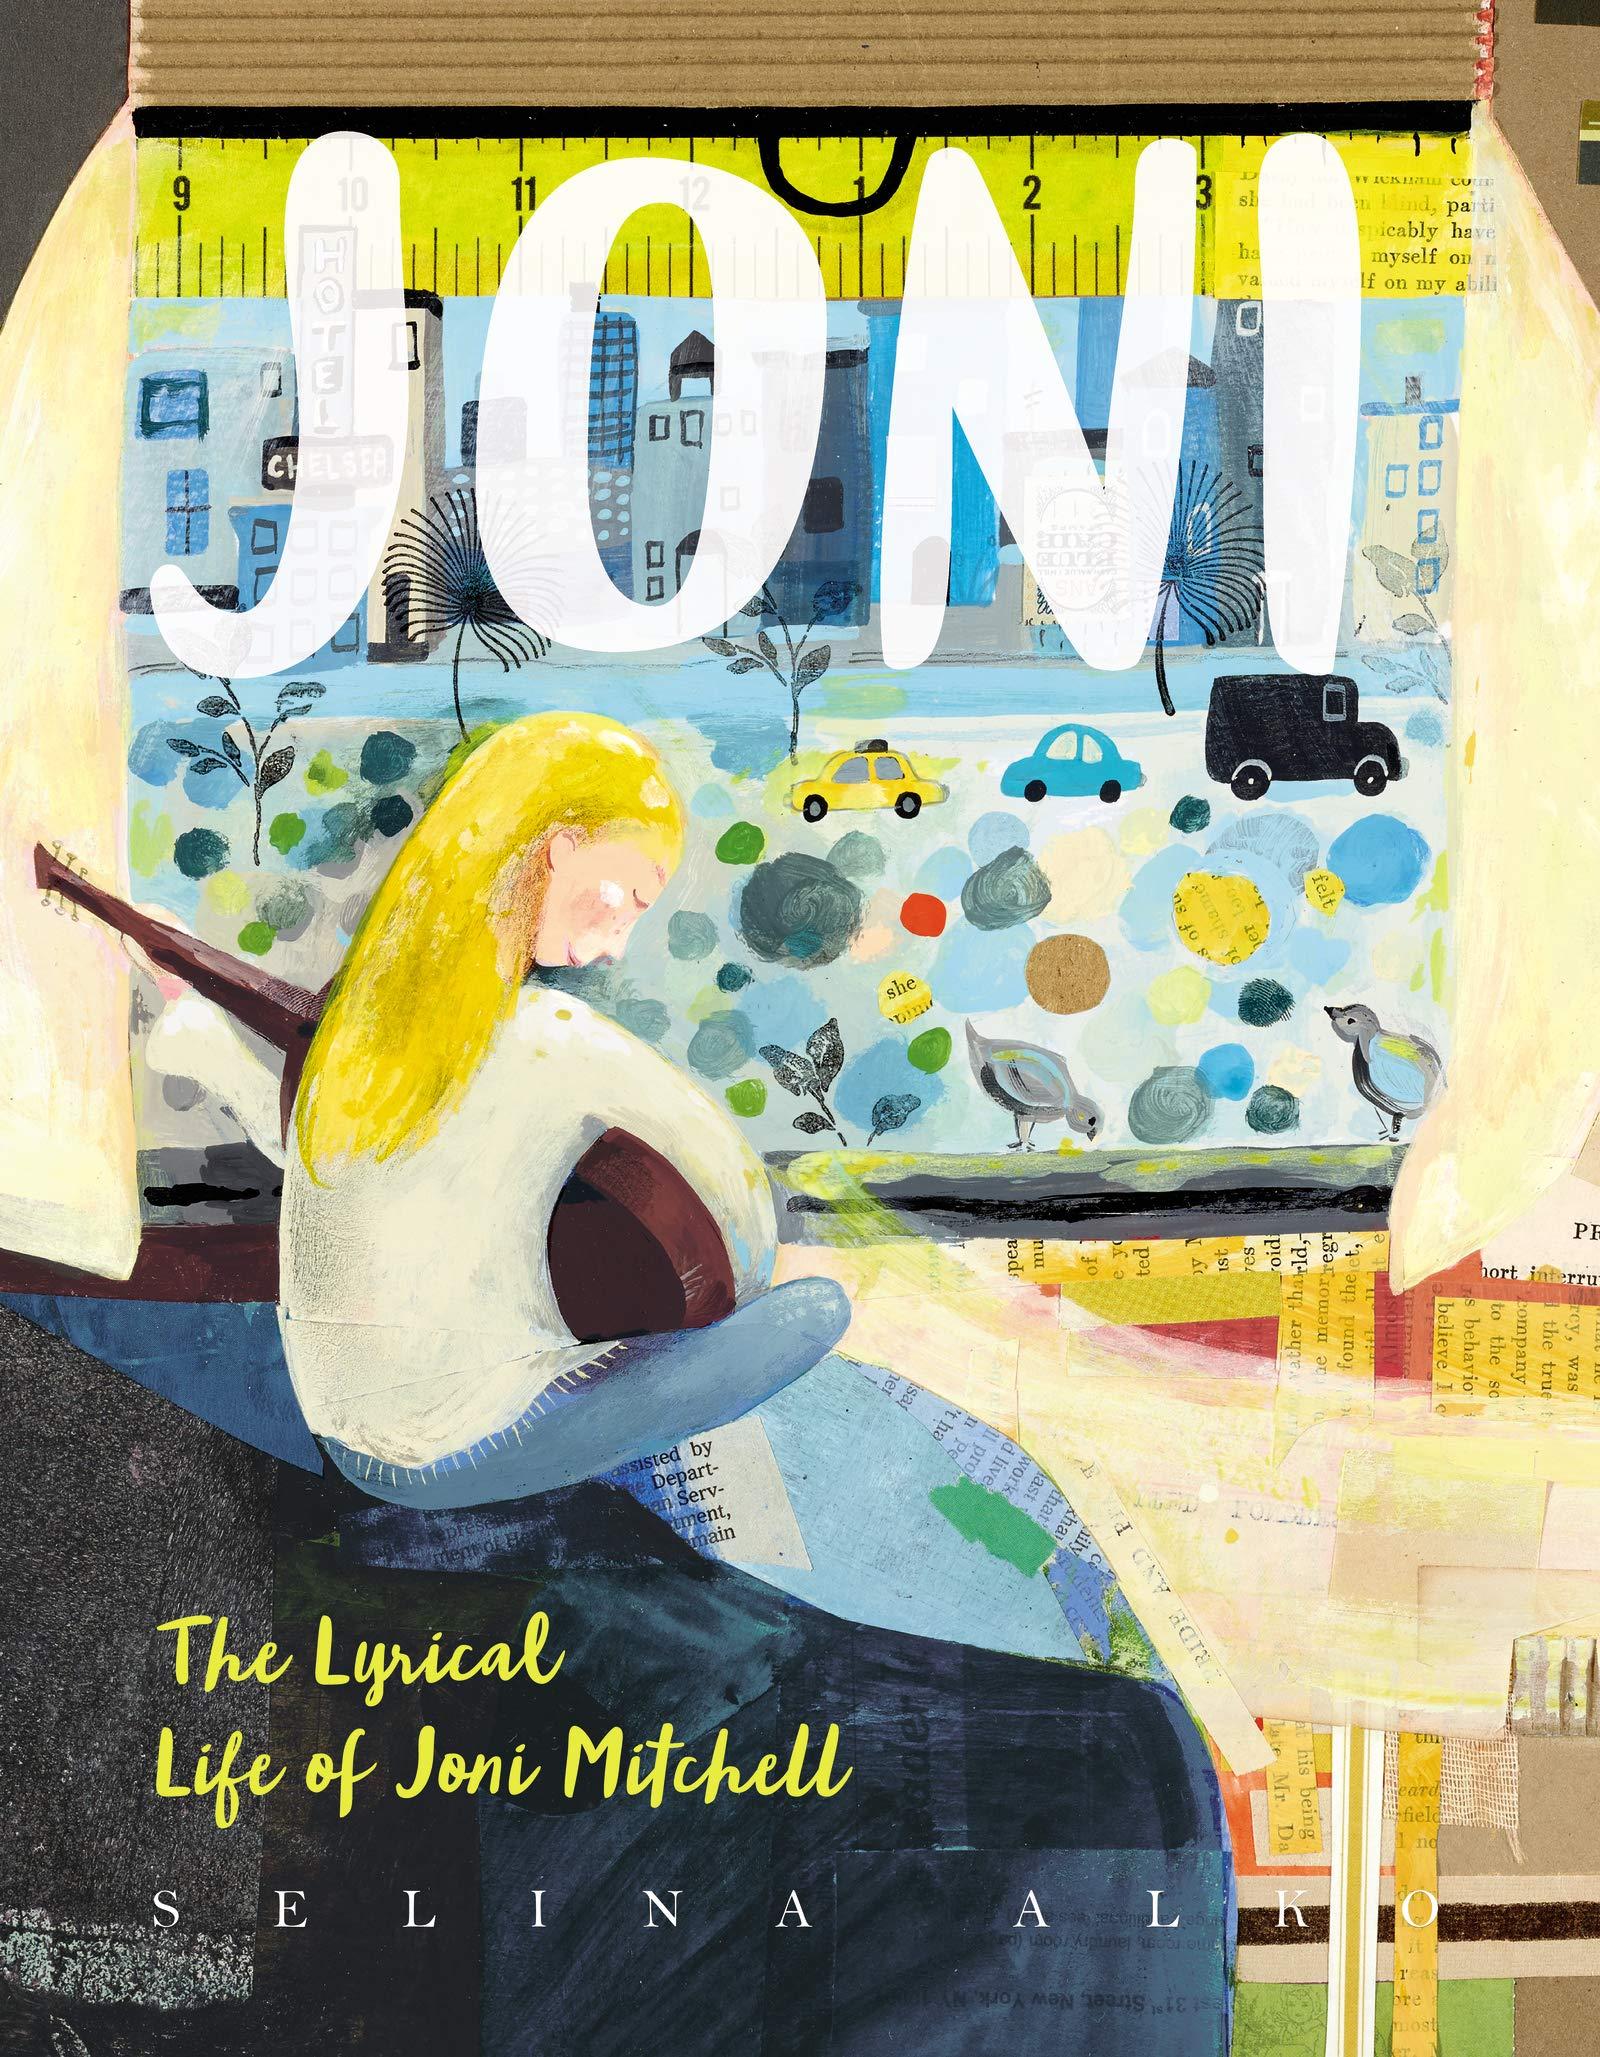 Book Launch: Joni - The Lyrical Life of Joni Mitchell by Selina Alko